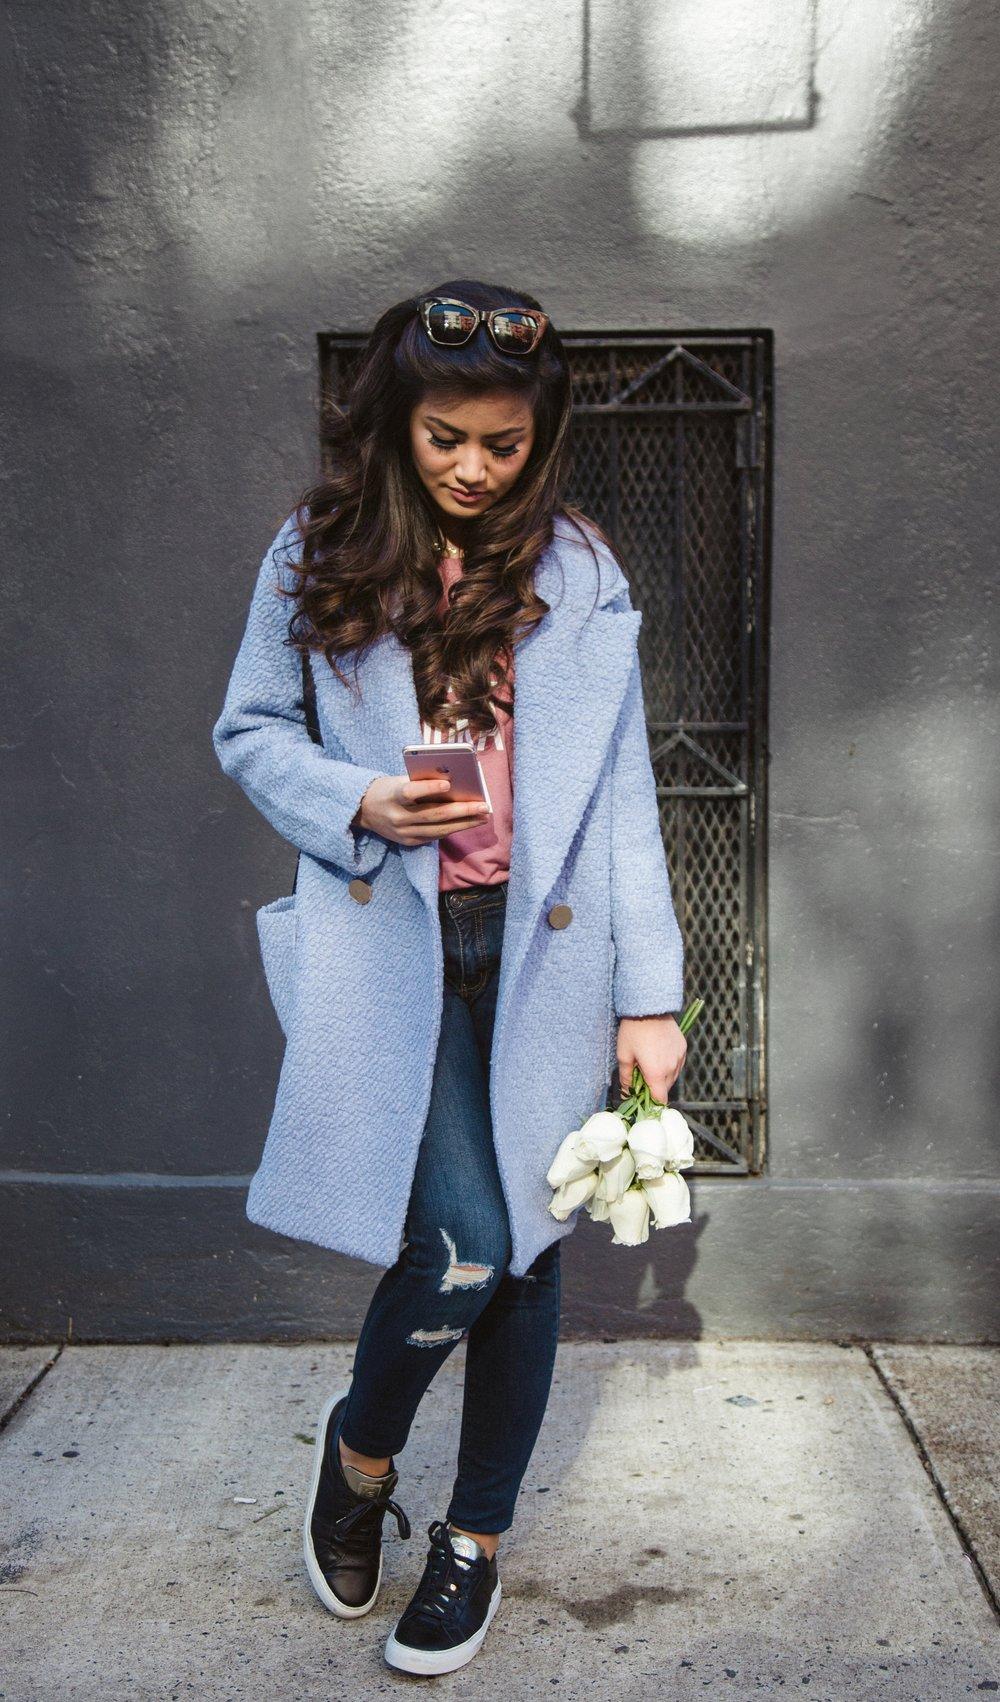 Caila Quinn Cell Phone